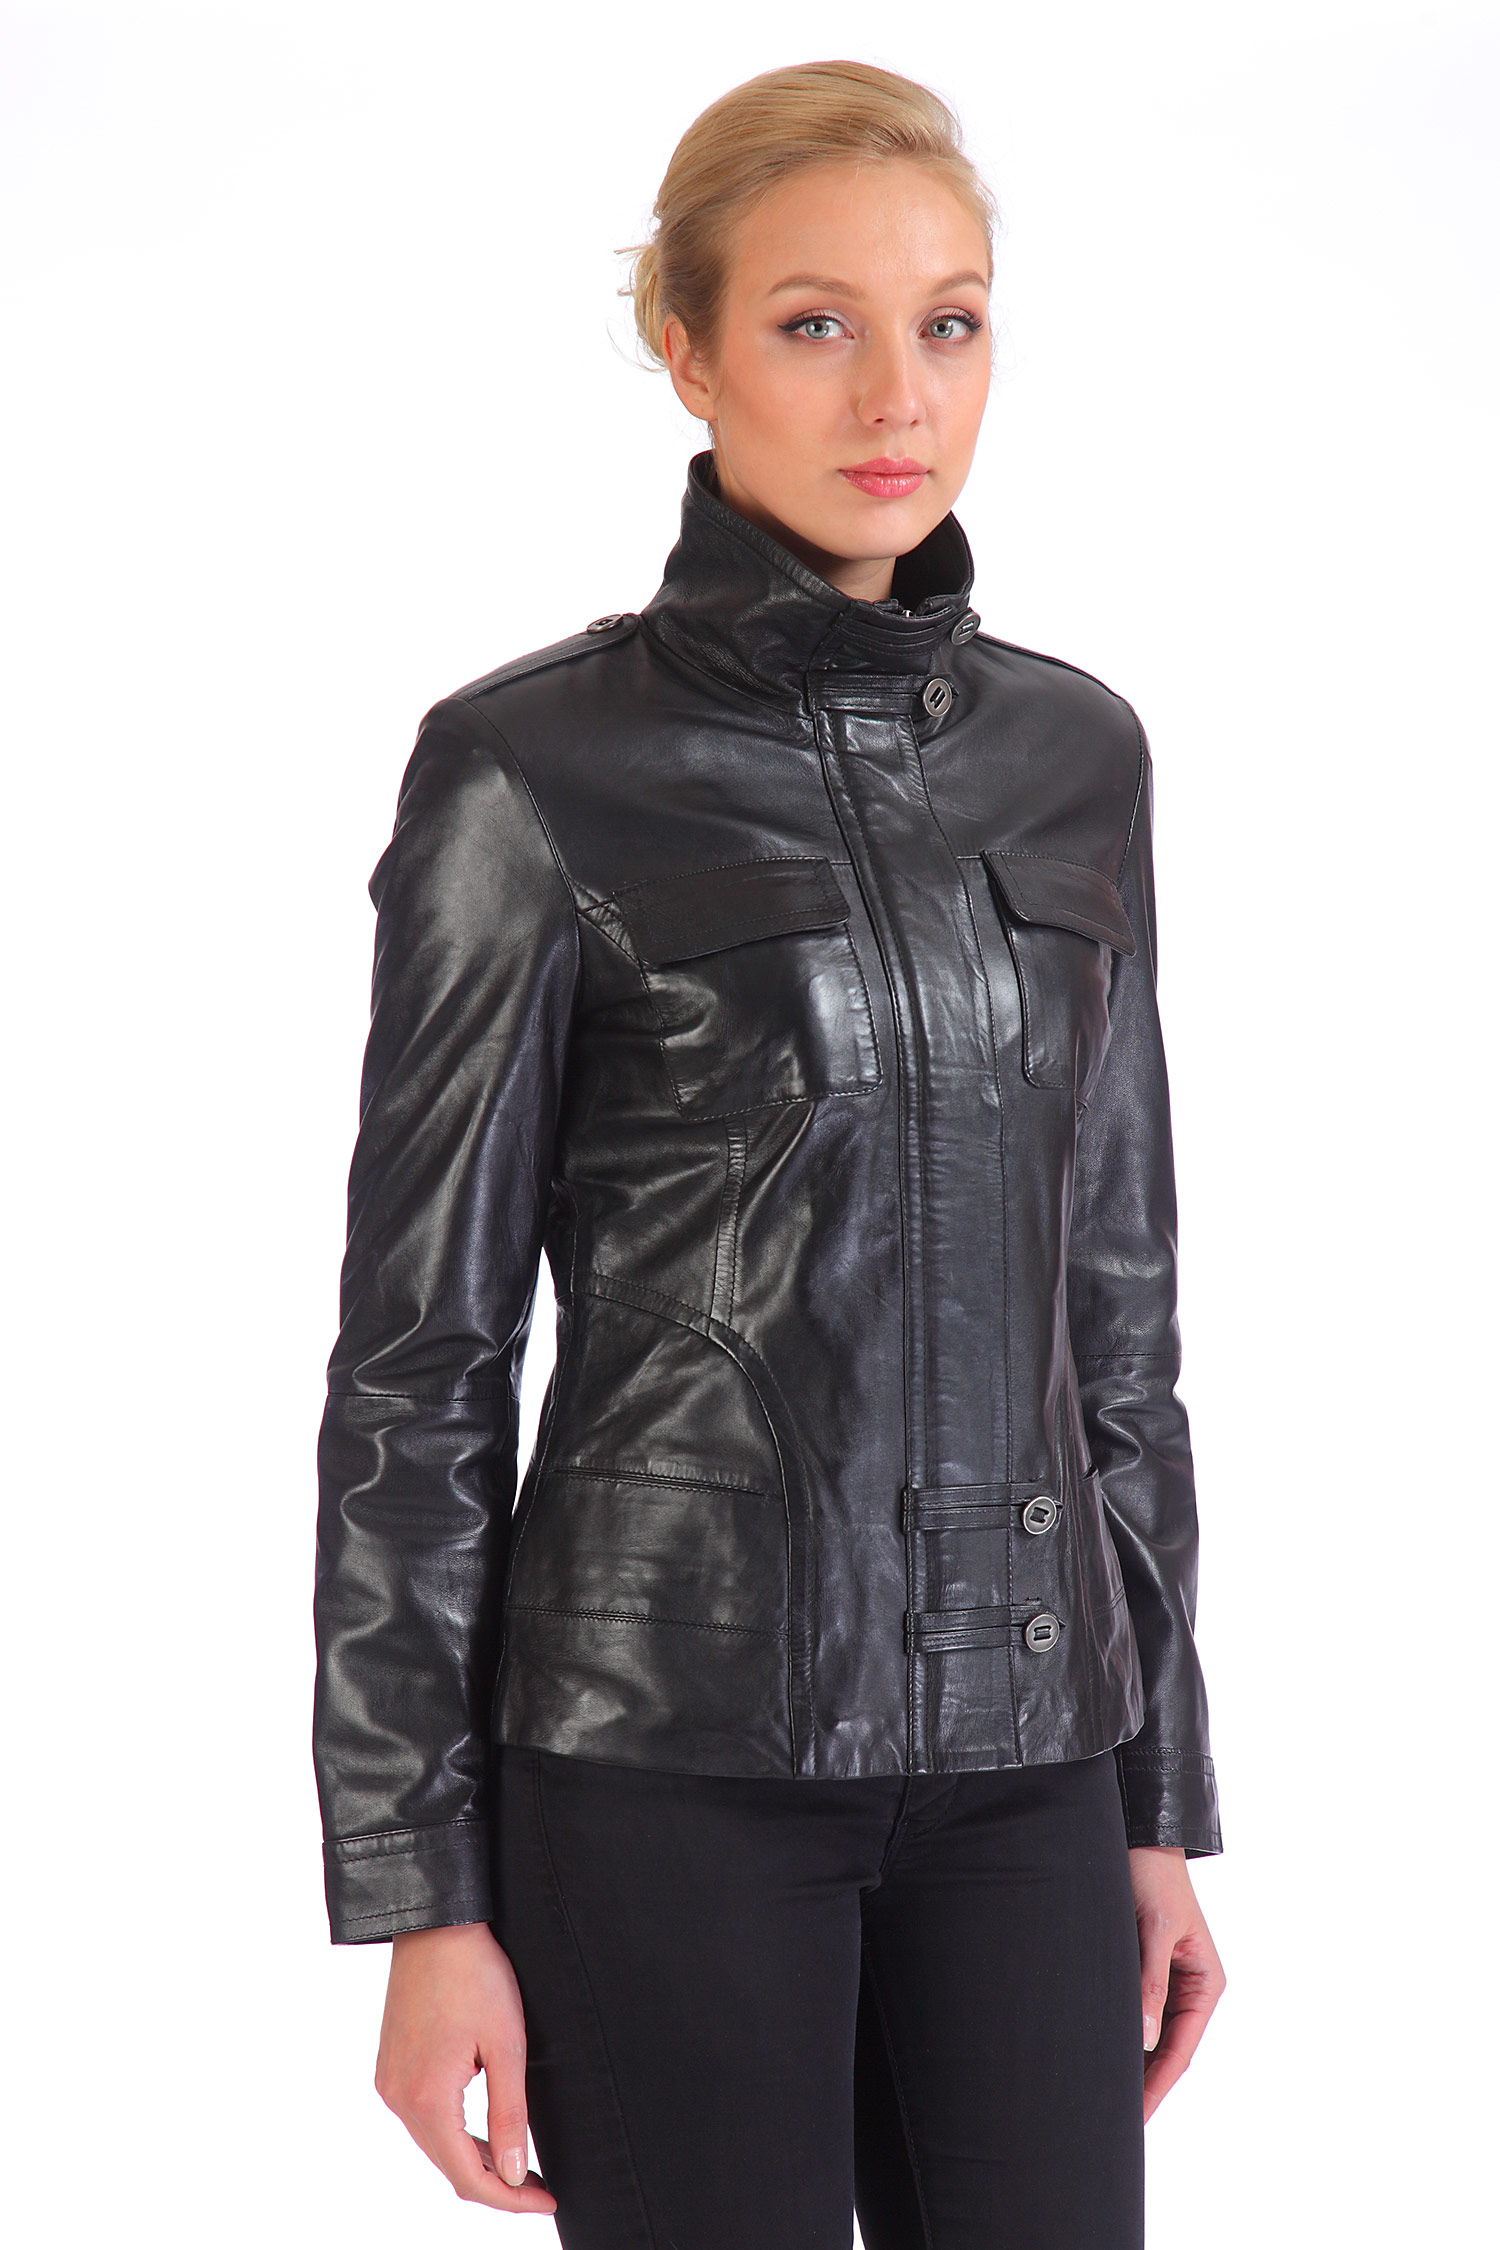 Женская кожаная куртка из натуральной кожи с воротником, без отделки<br><br>Воротник: стойка<br>Длина см: Короткая (51-74 )<br>Материал: Кожа овчина<br>Цвет: черный<br>Вид застежки: центральная<br>Застежка: комбинированная<br>Пол: Женский<br>Размер RU: 50-52